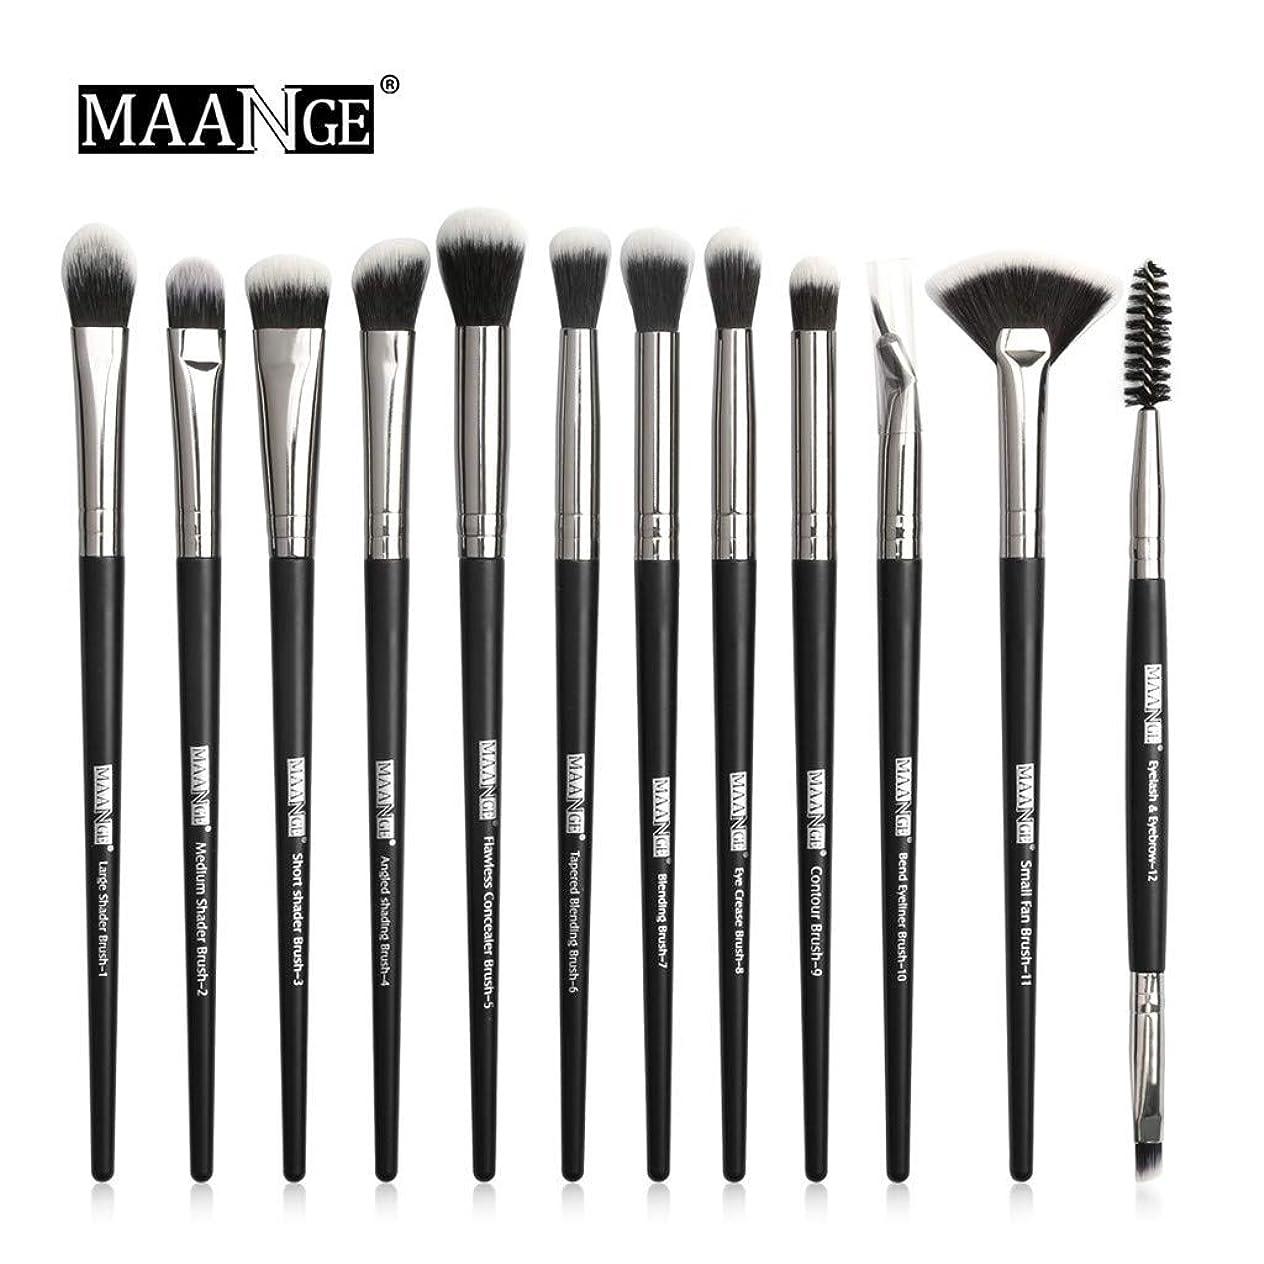 差別混合した夜明けAkane 12本 MAANGE 気質的 高級 上等 綺麗 柔らかい 多機能 美感 アイメイク 魅力的 おしゃれ たっぷり 激安 セット 日常 仕事 Makeup Brush メイクアップブラシ